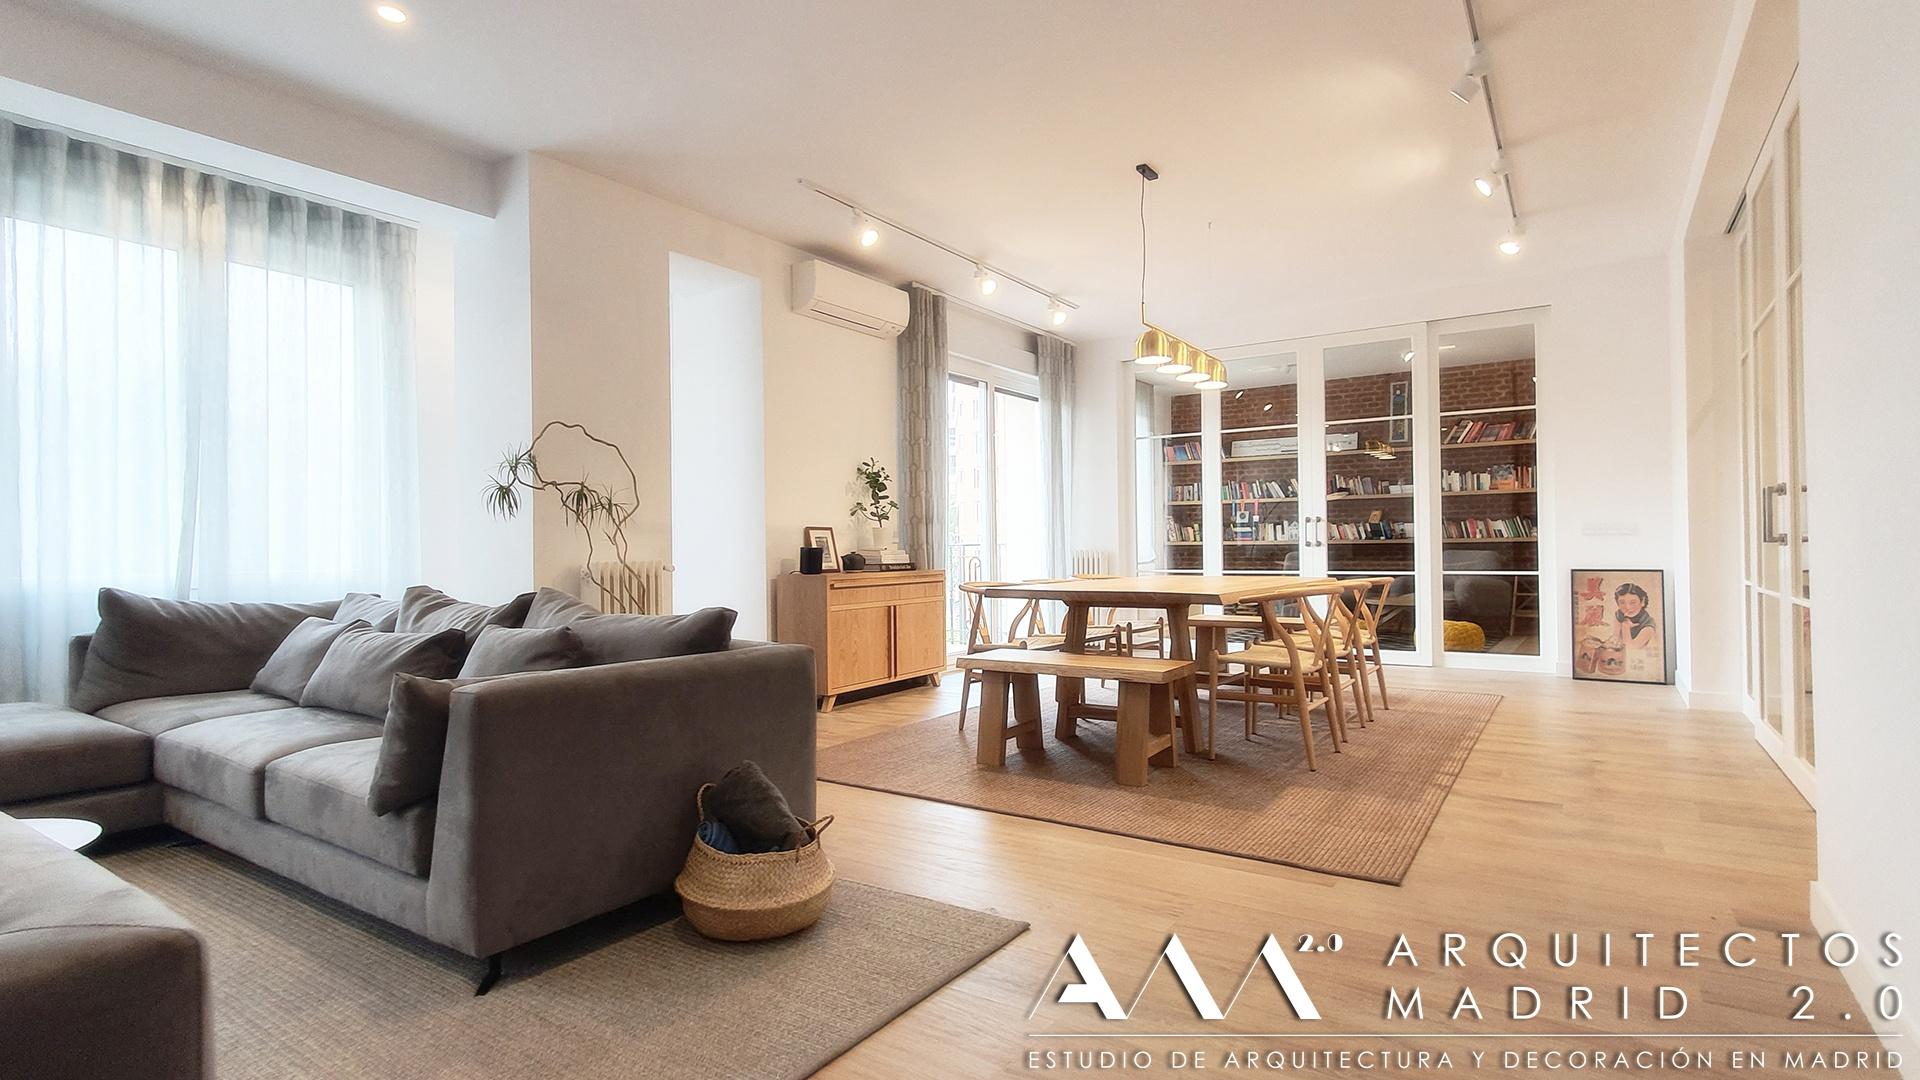 proyecto-reforma-integral-vivienda-arquitectos-madrid-ideas-decoracion-salon-cocina-home-interior-design-04